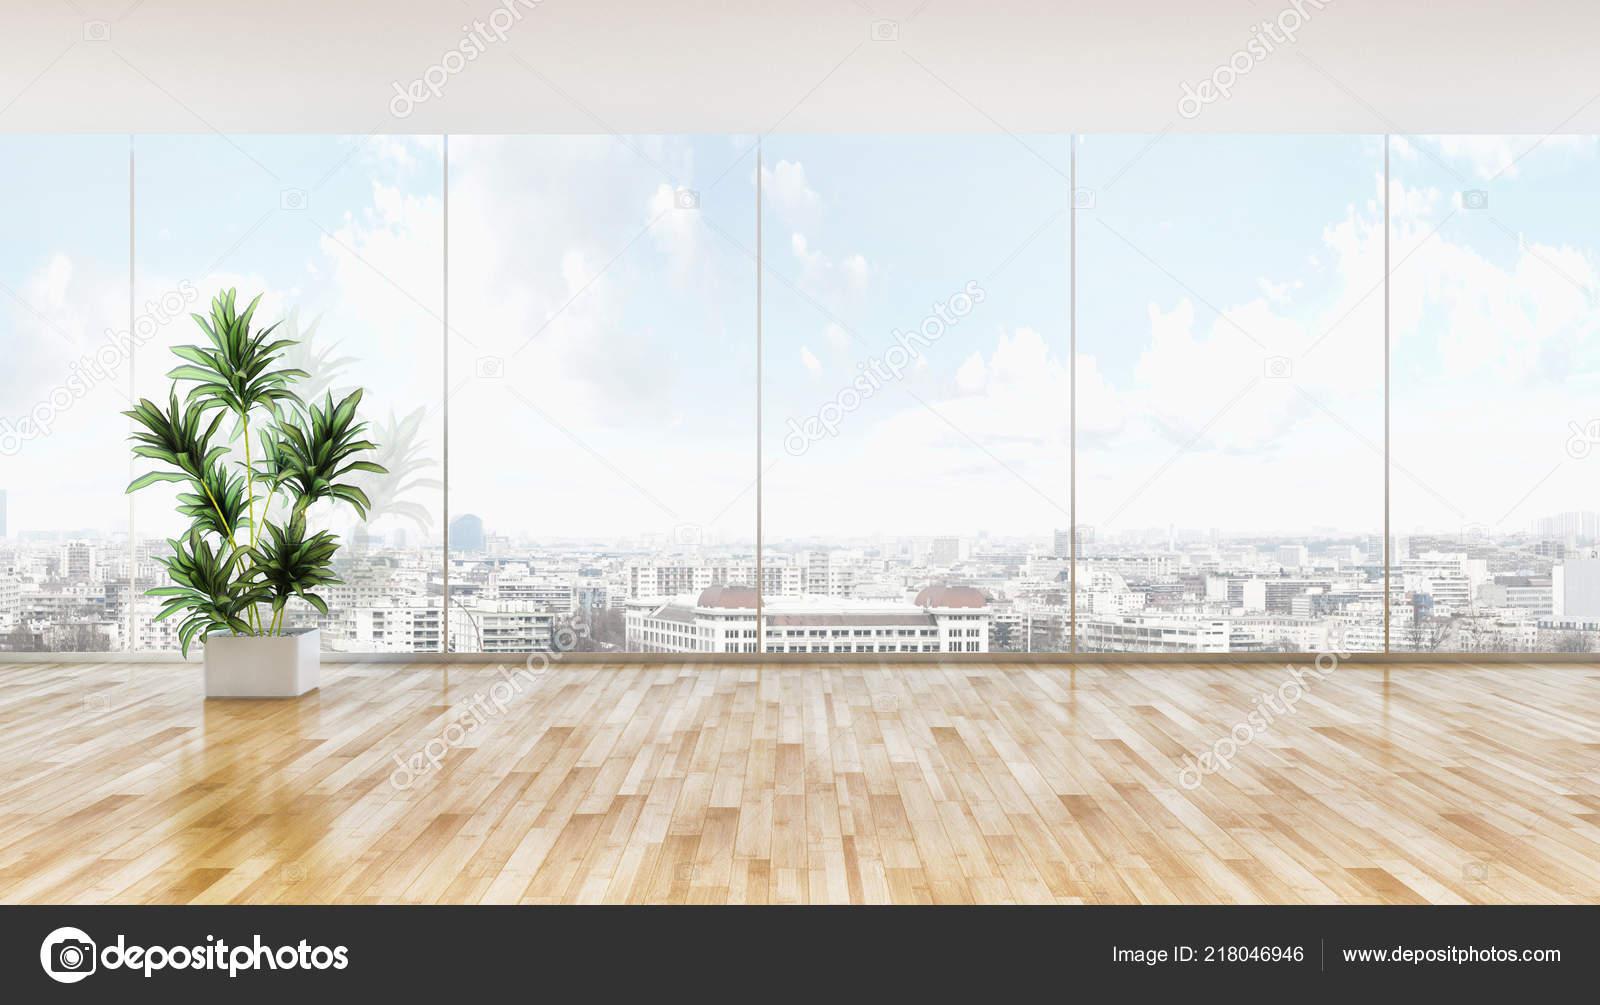 Grosse Luxus Moderne Helle Innenraume Wohnung Wohnzimmer Mit Sofa